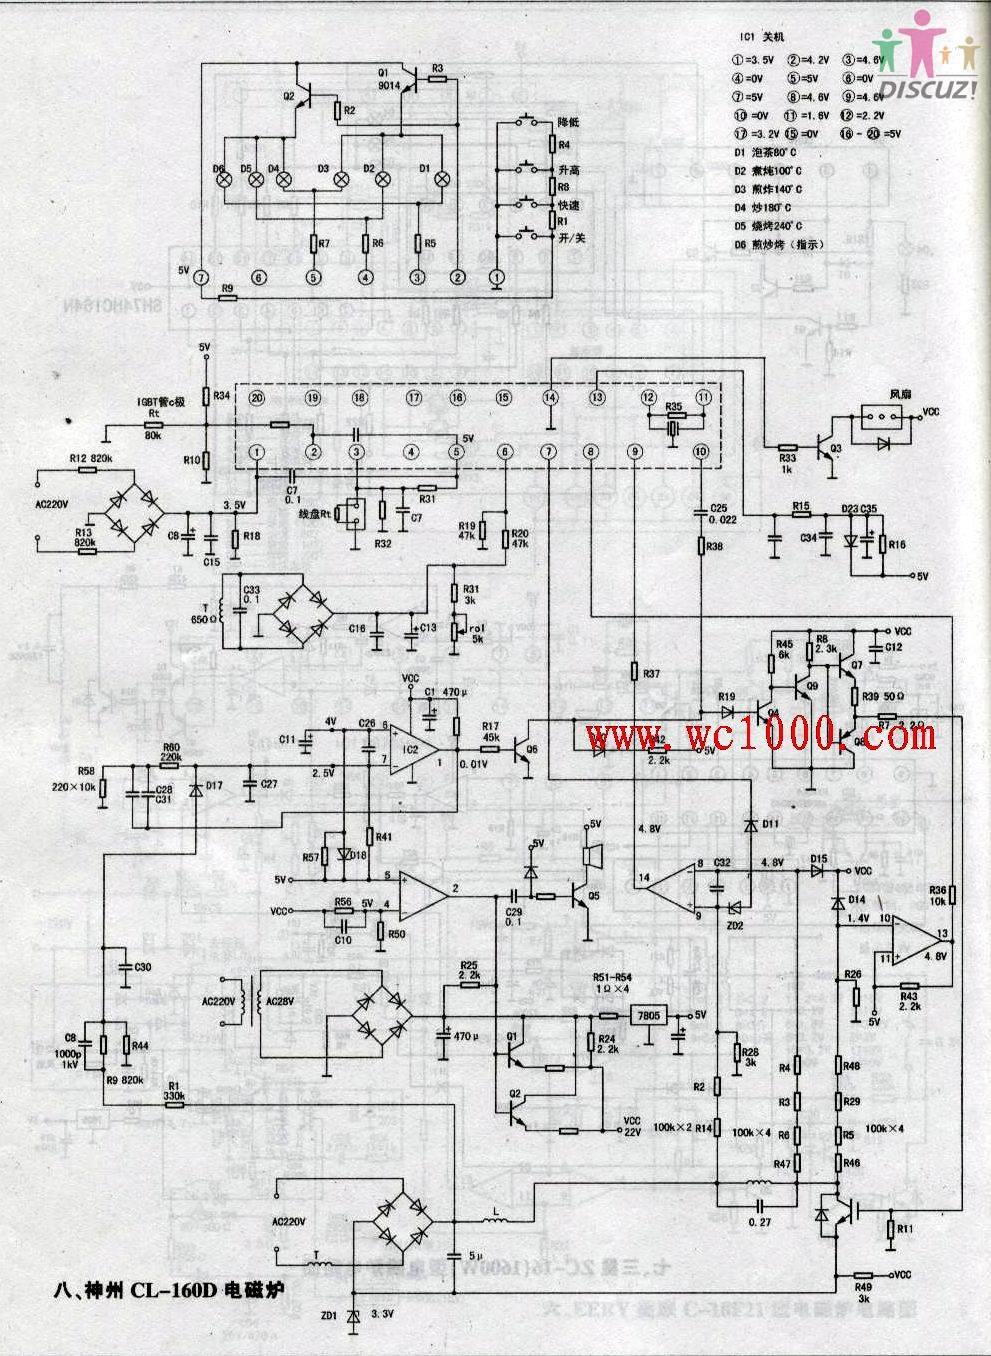 神州cl-160d型电路图!